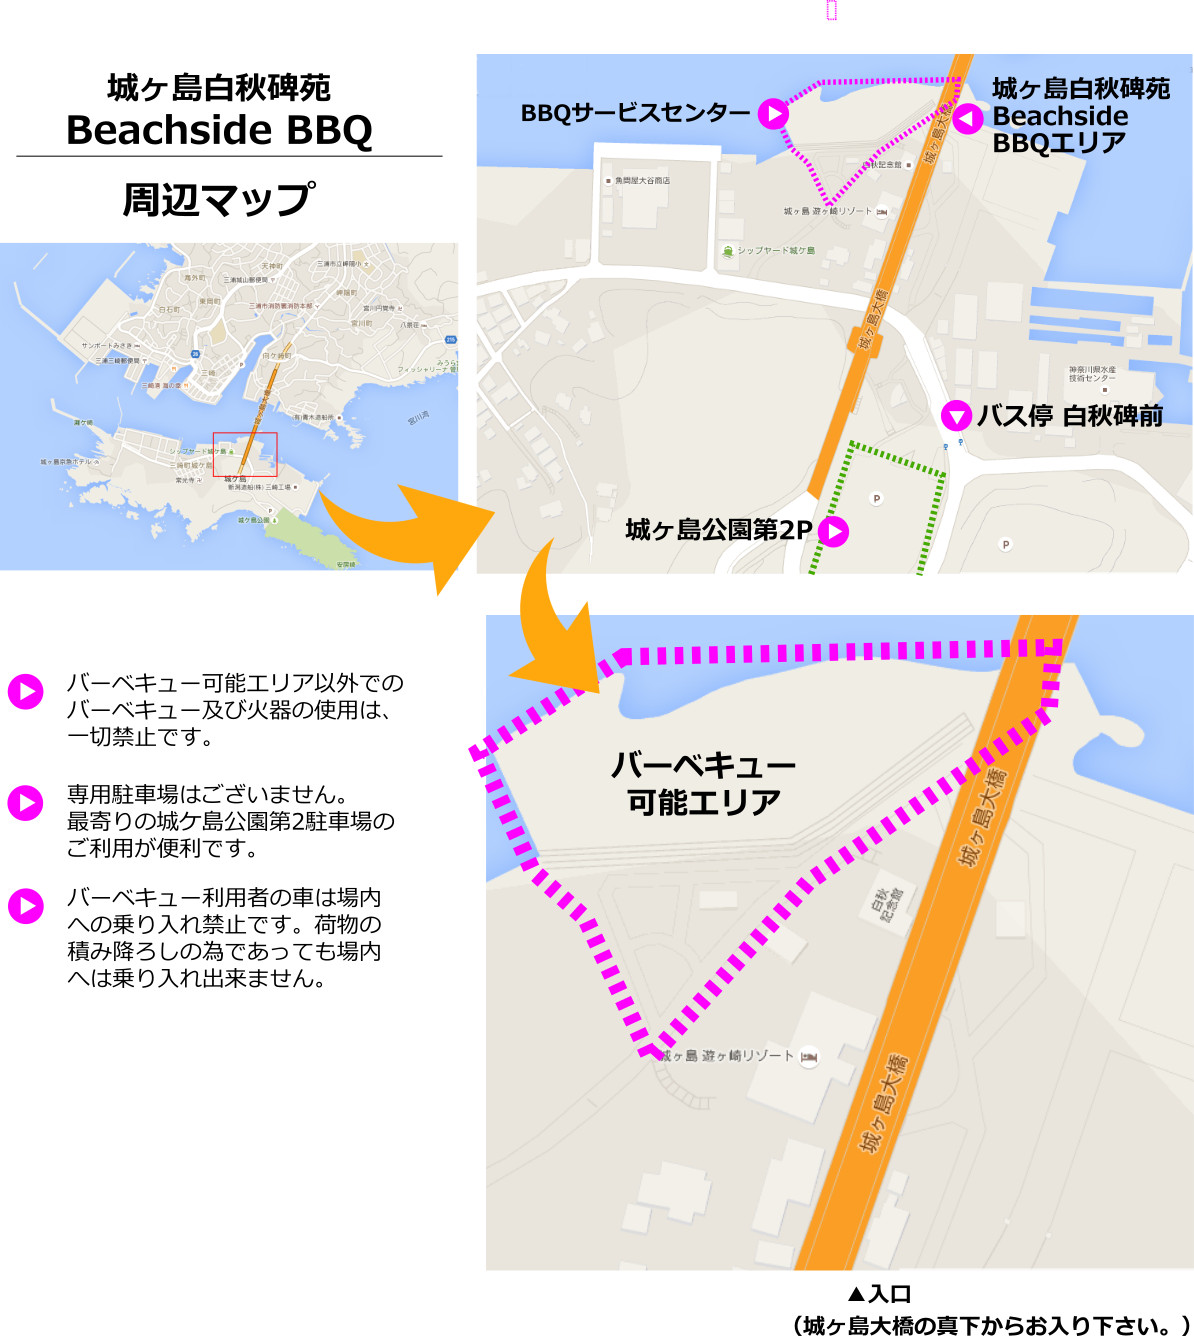 城ヶ島ビーチサイドバーベキュー周辺マップ